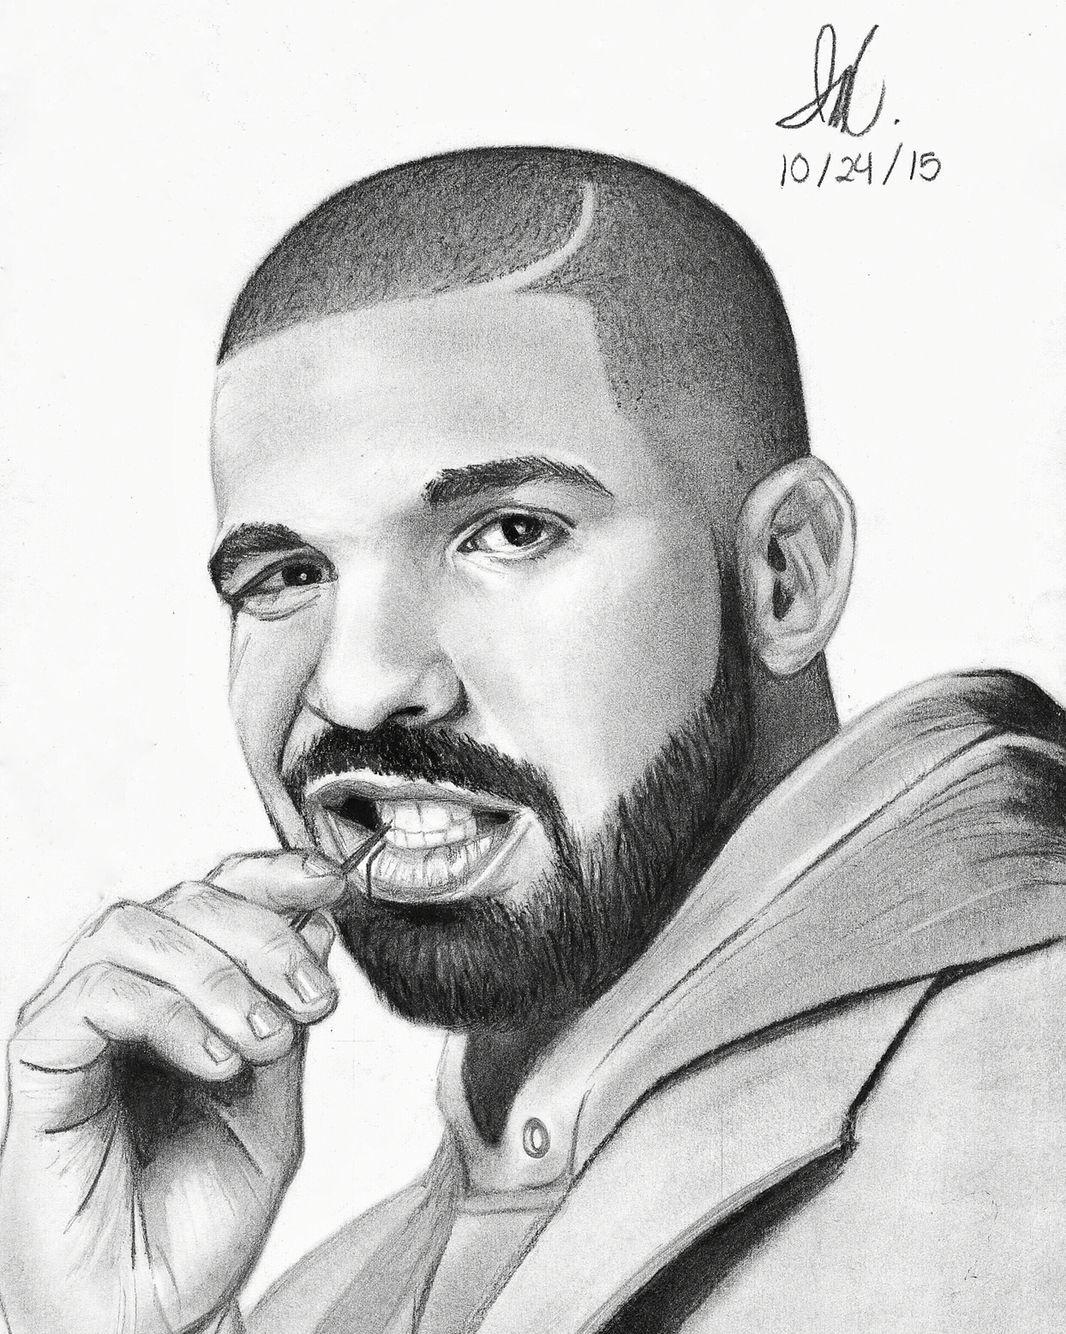 Drake Drawing | My dra...